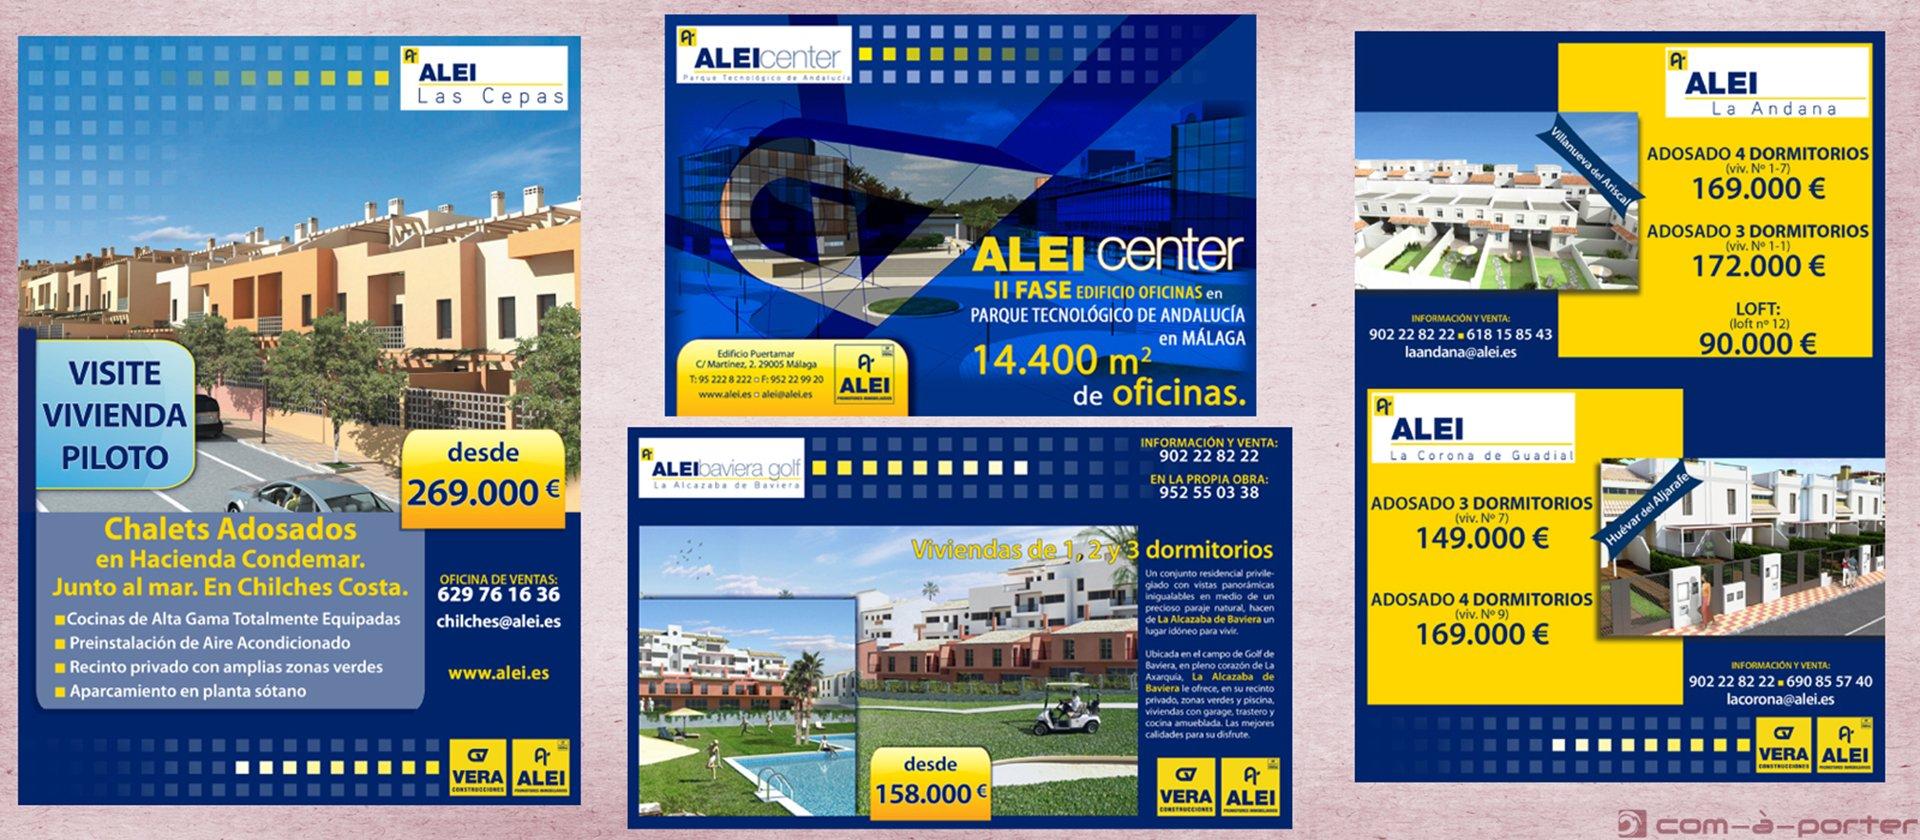 Páginas completas de Publicidad Promocional de ALEI Promotores Inmobiliarios